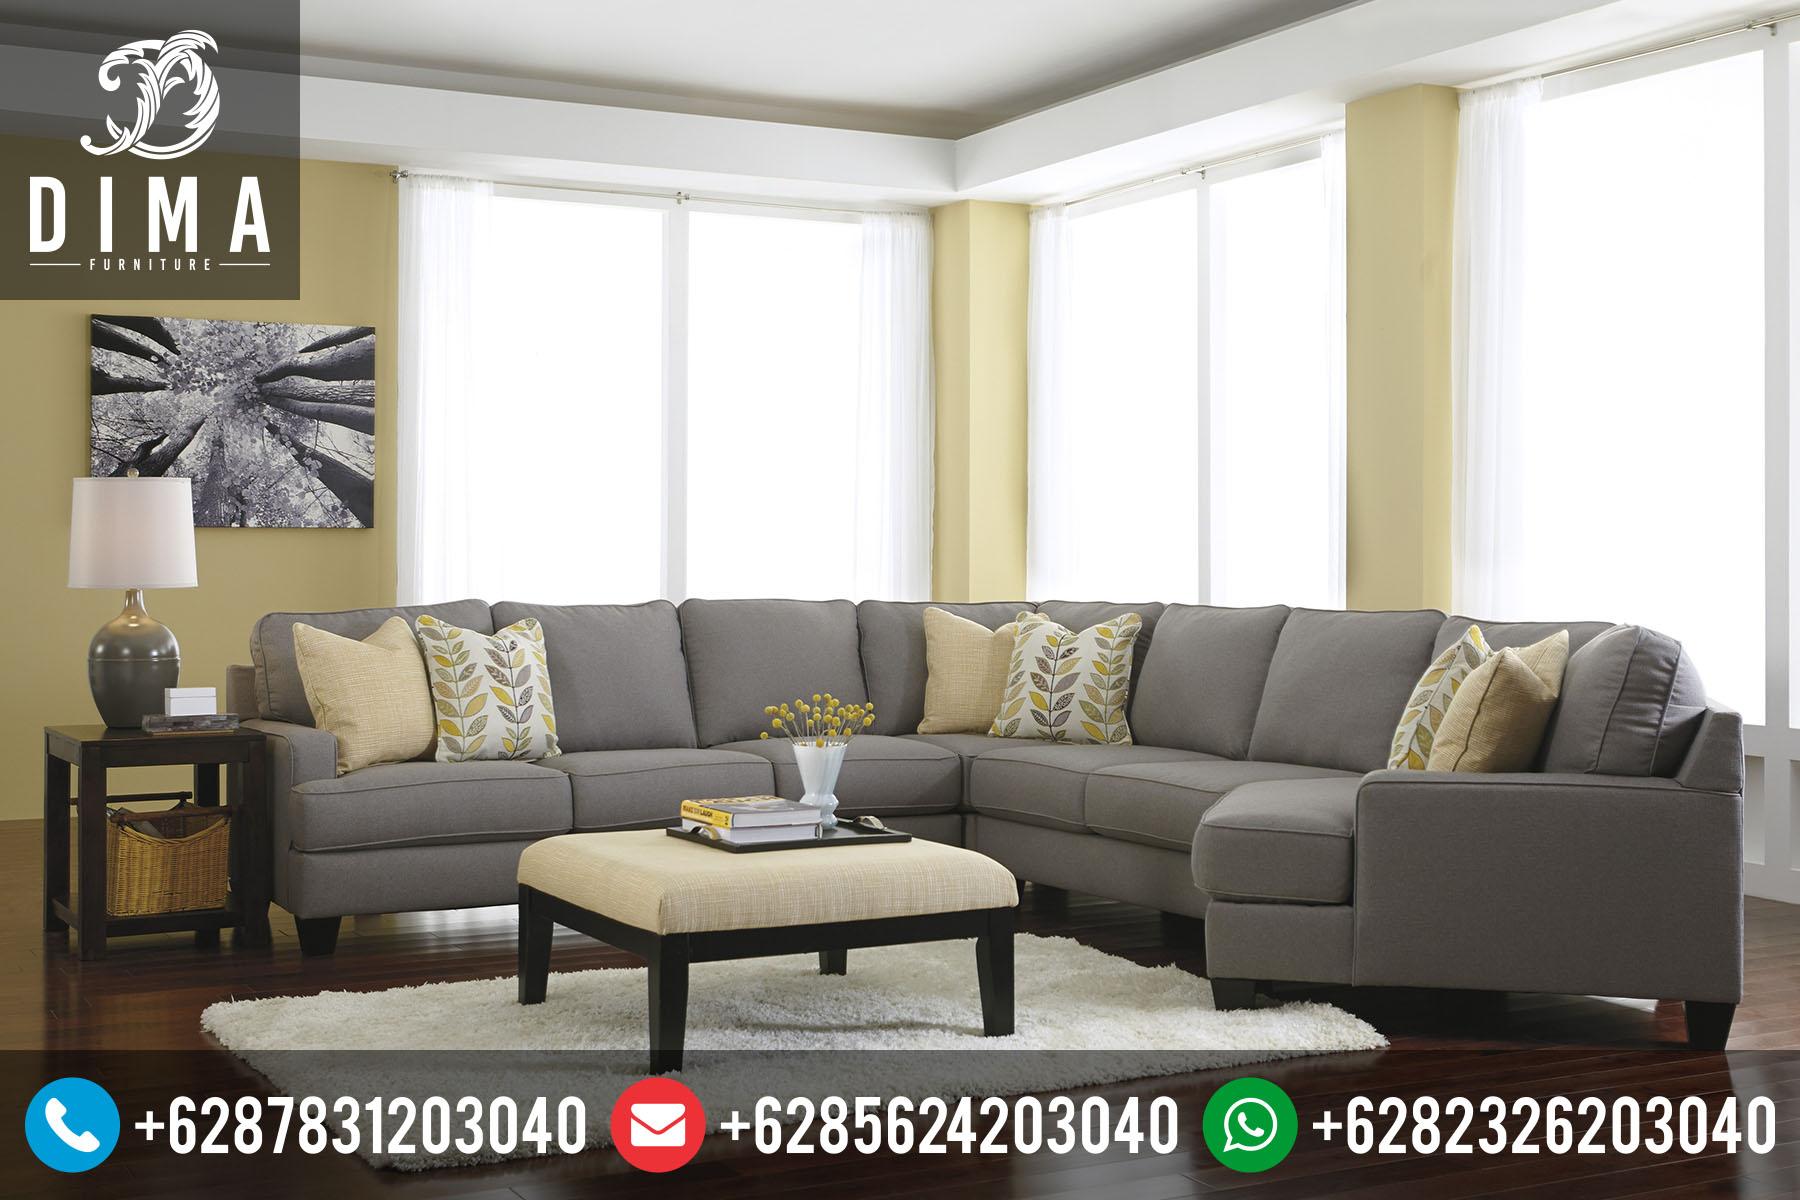 Set Sofa Kursi Tamu Minimalis Modern Terbaru Murah ST-0015